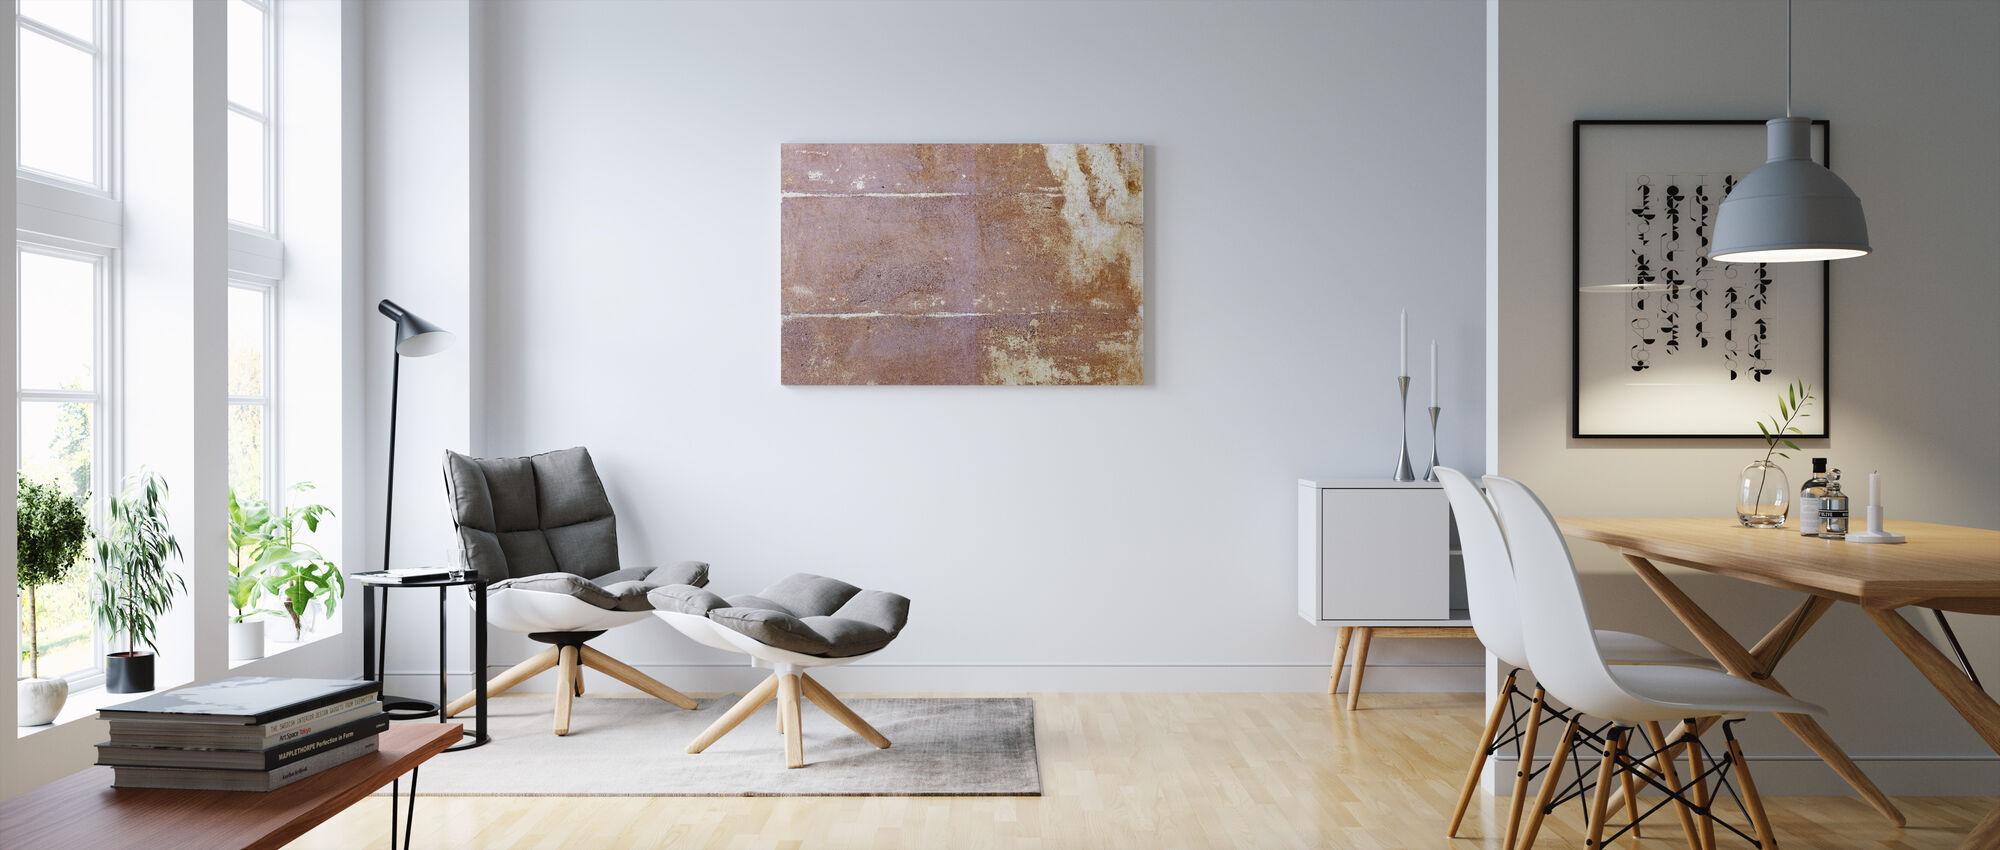 Rusty Wallpaper II - Canvas print - Living Room